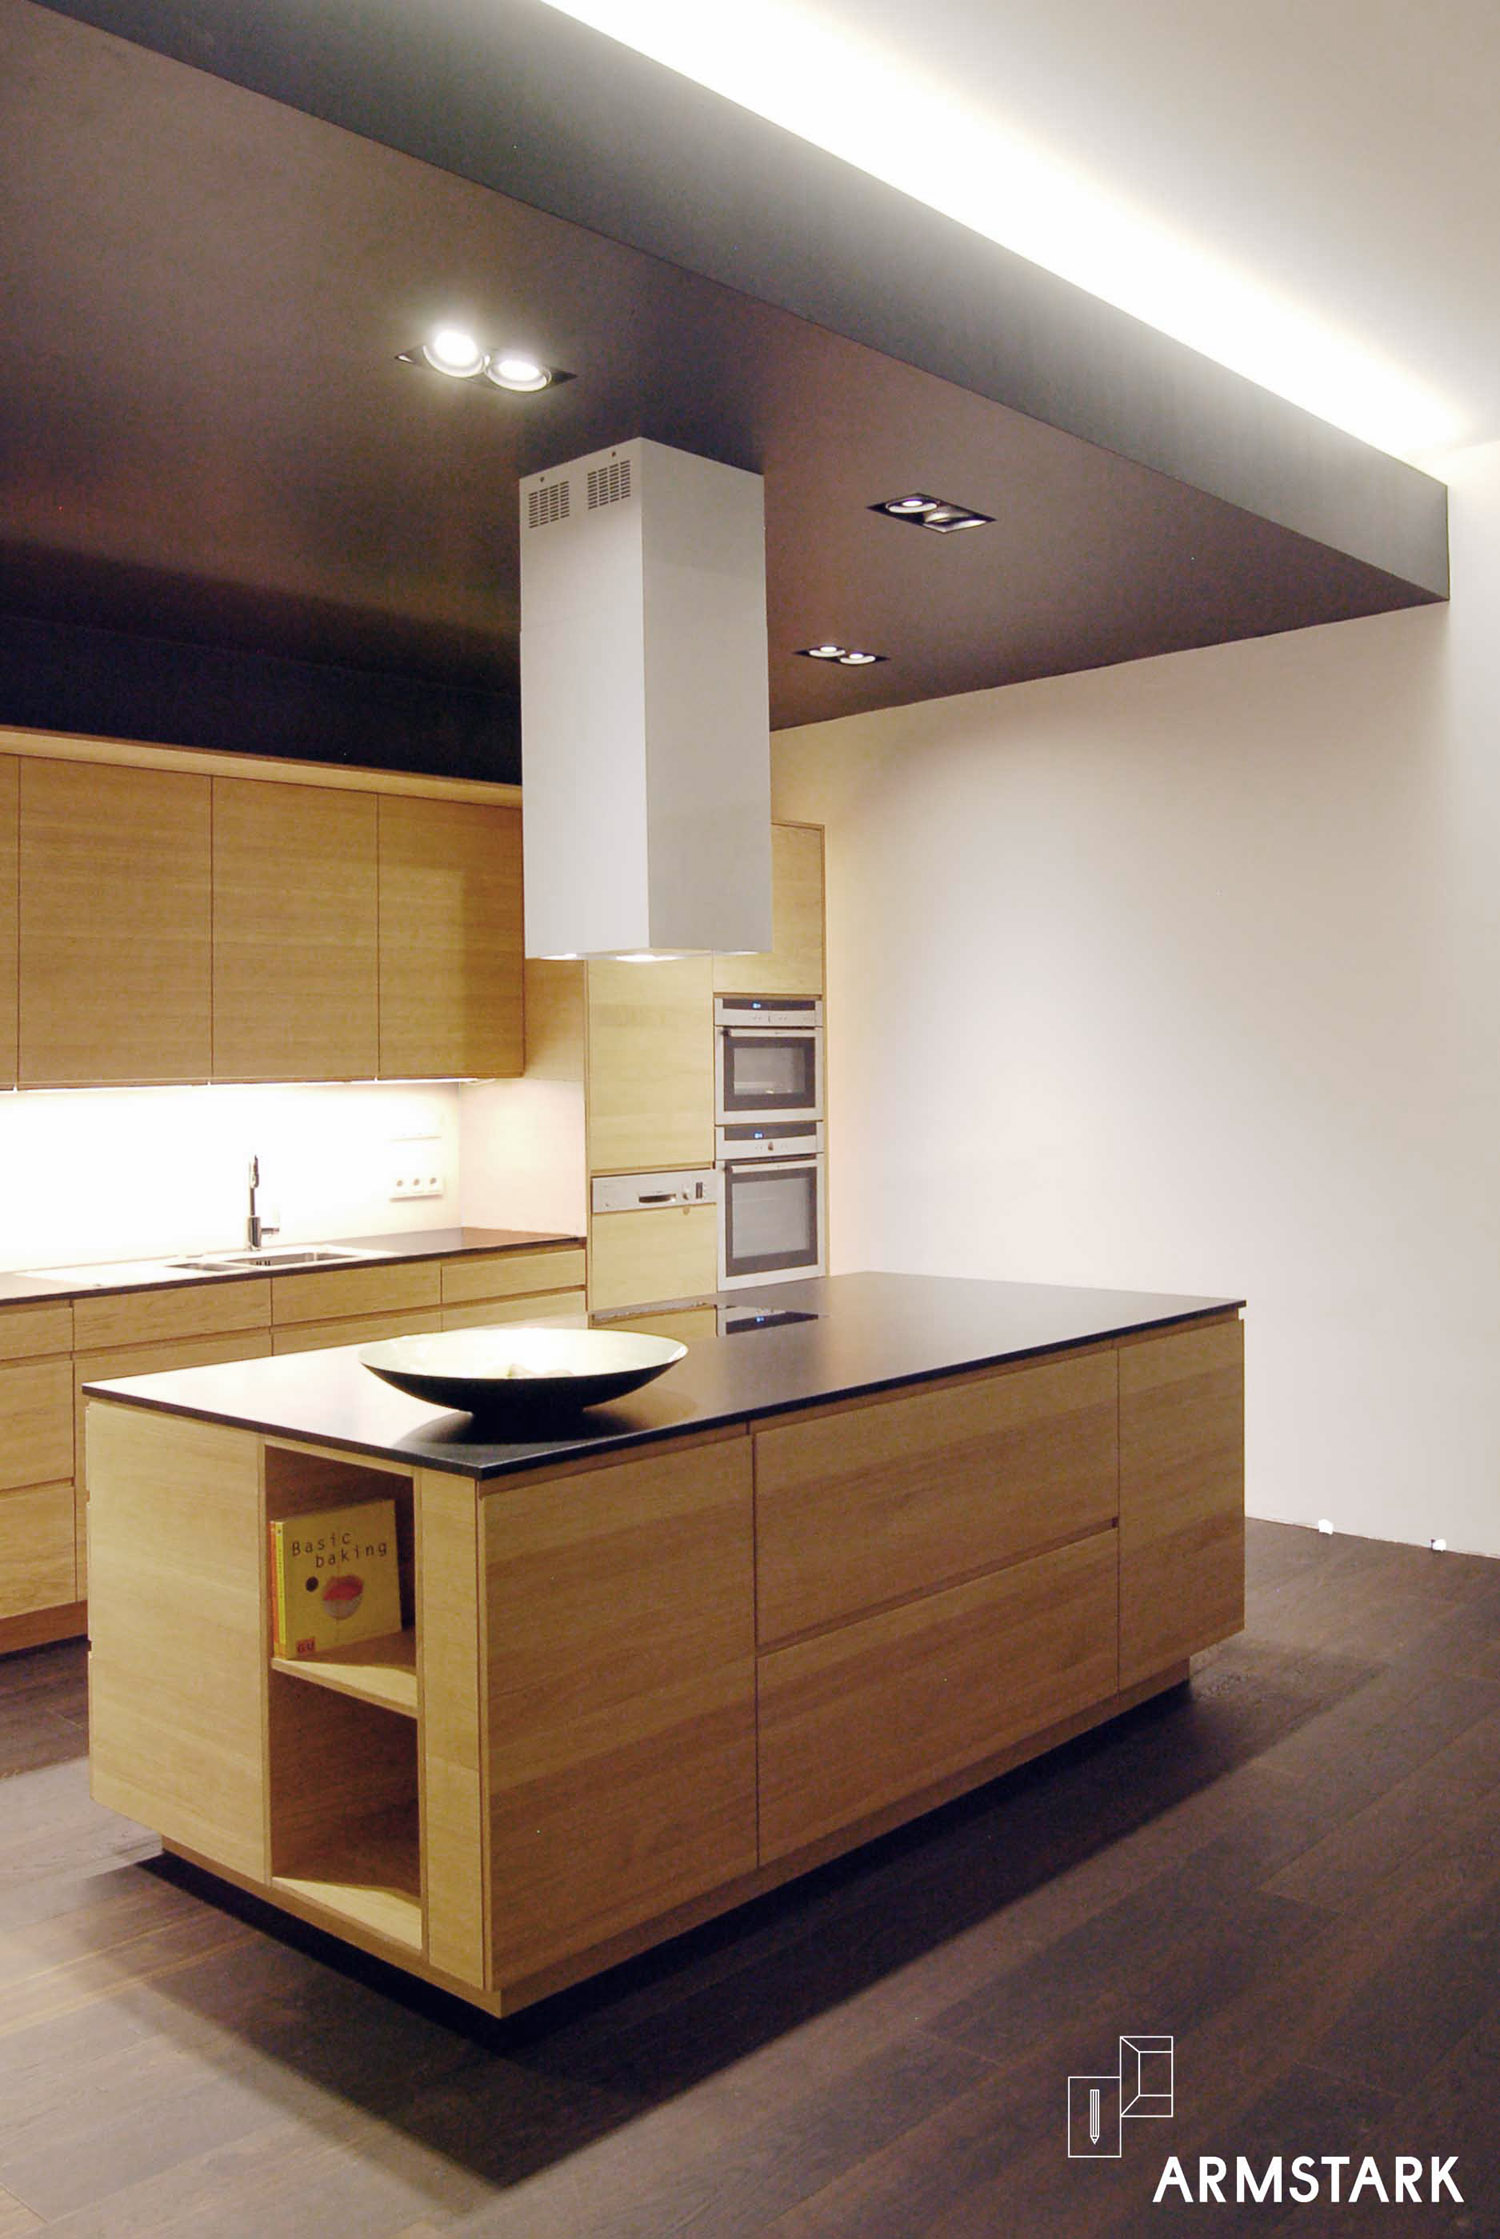 Der großzügig dimensionierte Küchenblock